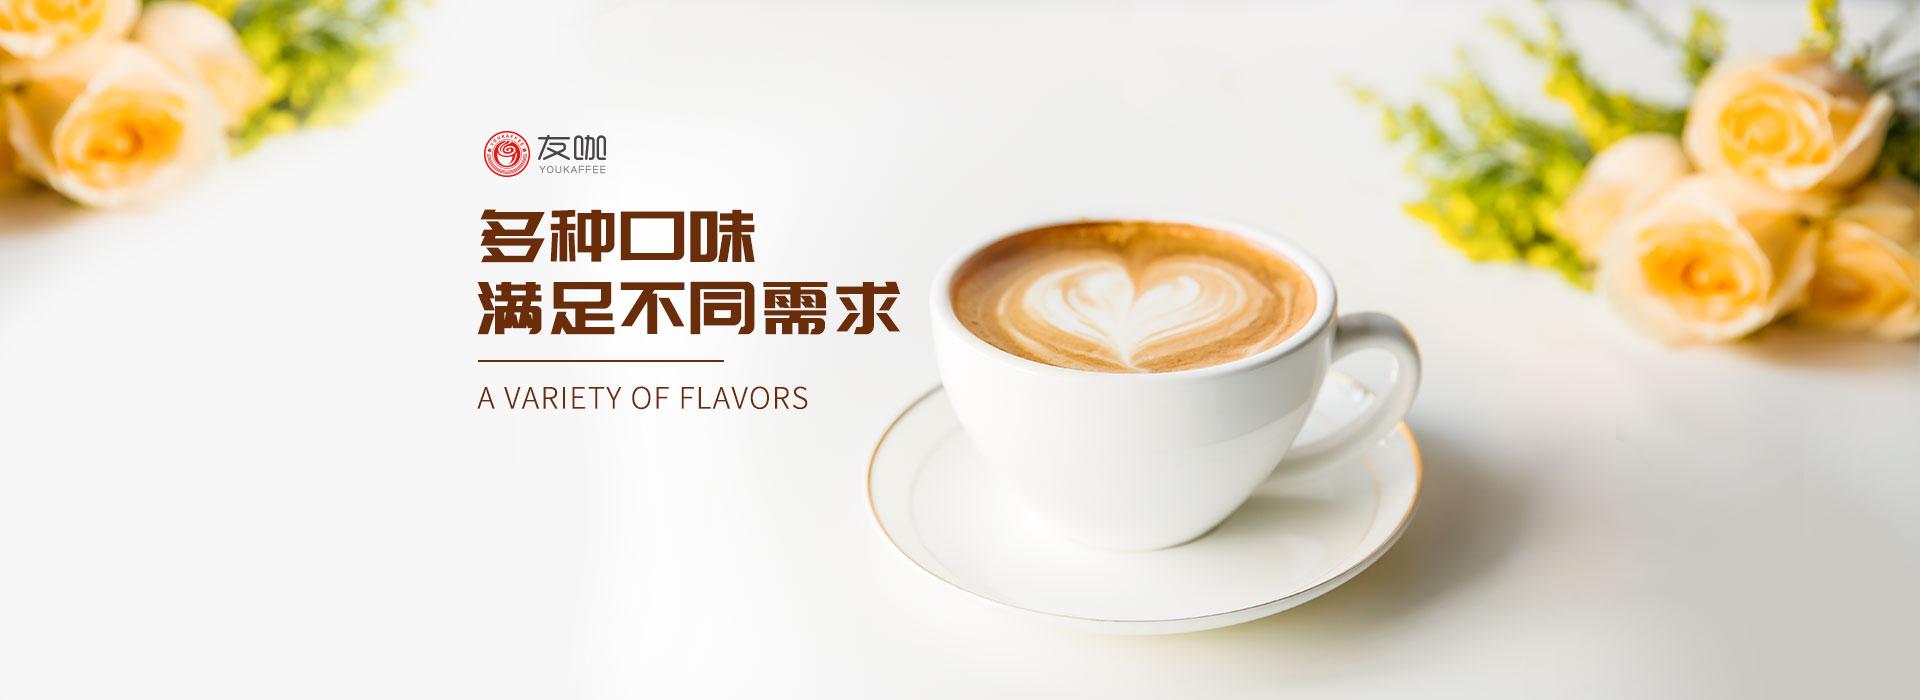 友咖啡_美式